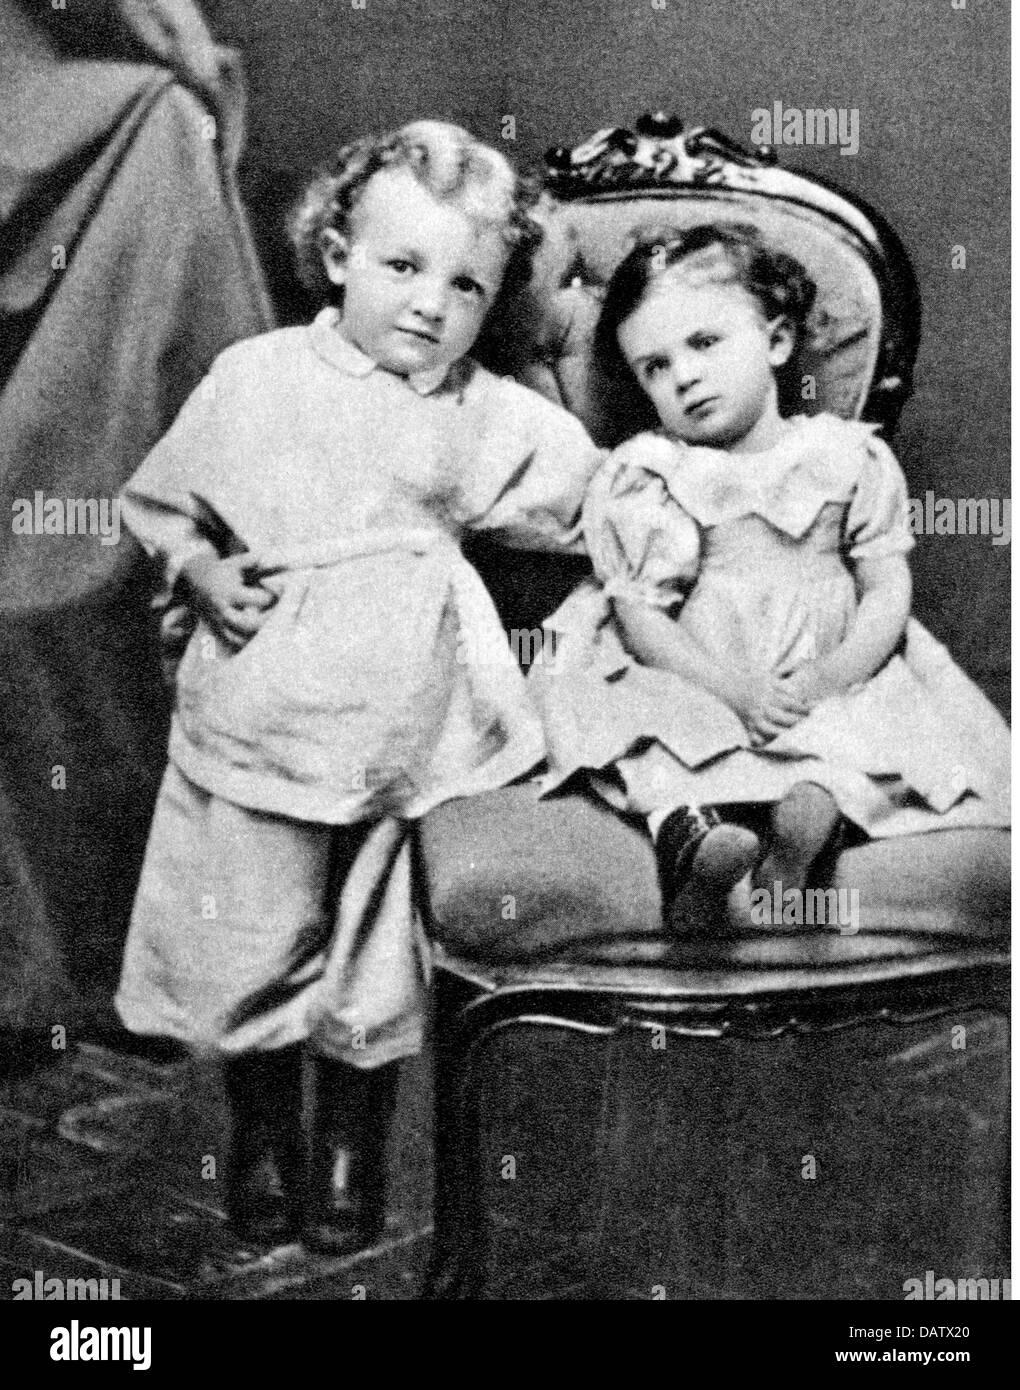 Lenin (Vladimir Ilich Ulyanov), 22.4.1870 - 21.1.1924, político ruso, de longitud media, como un niño, Imagen De Stock